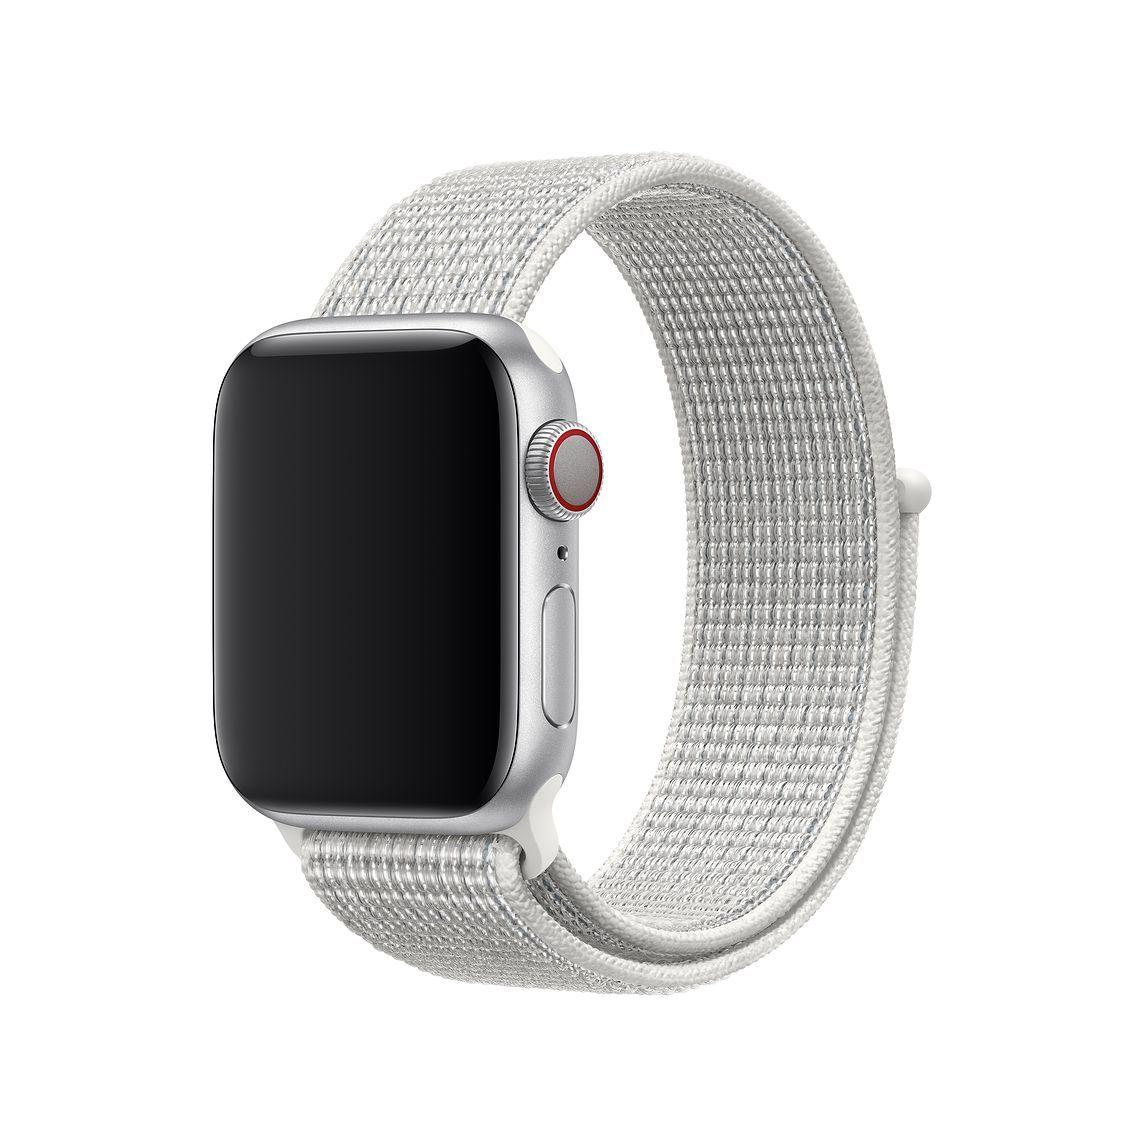 40mm Summit White Nike Sport Loop Apple watch nike